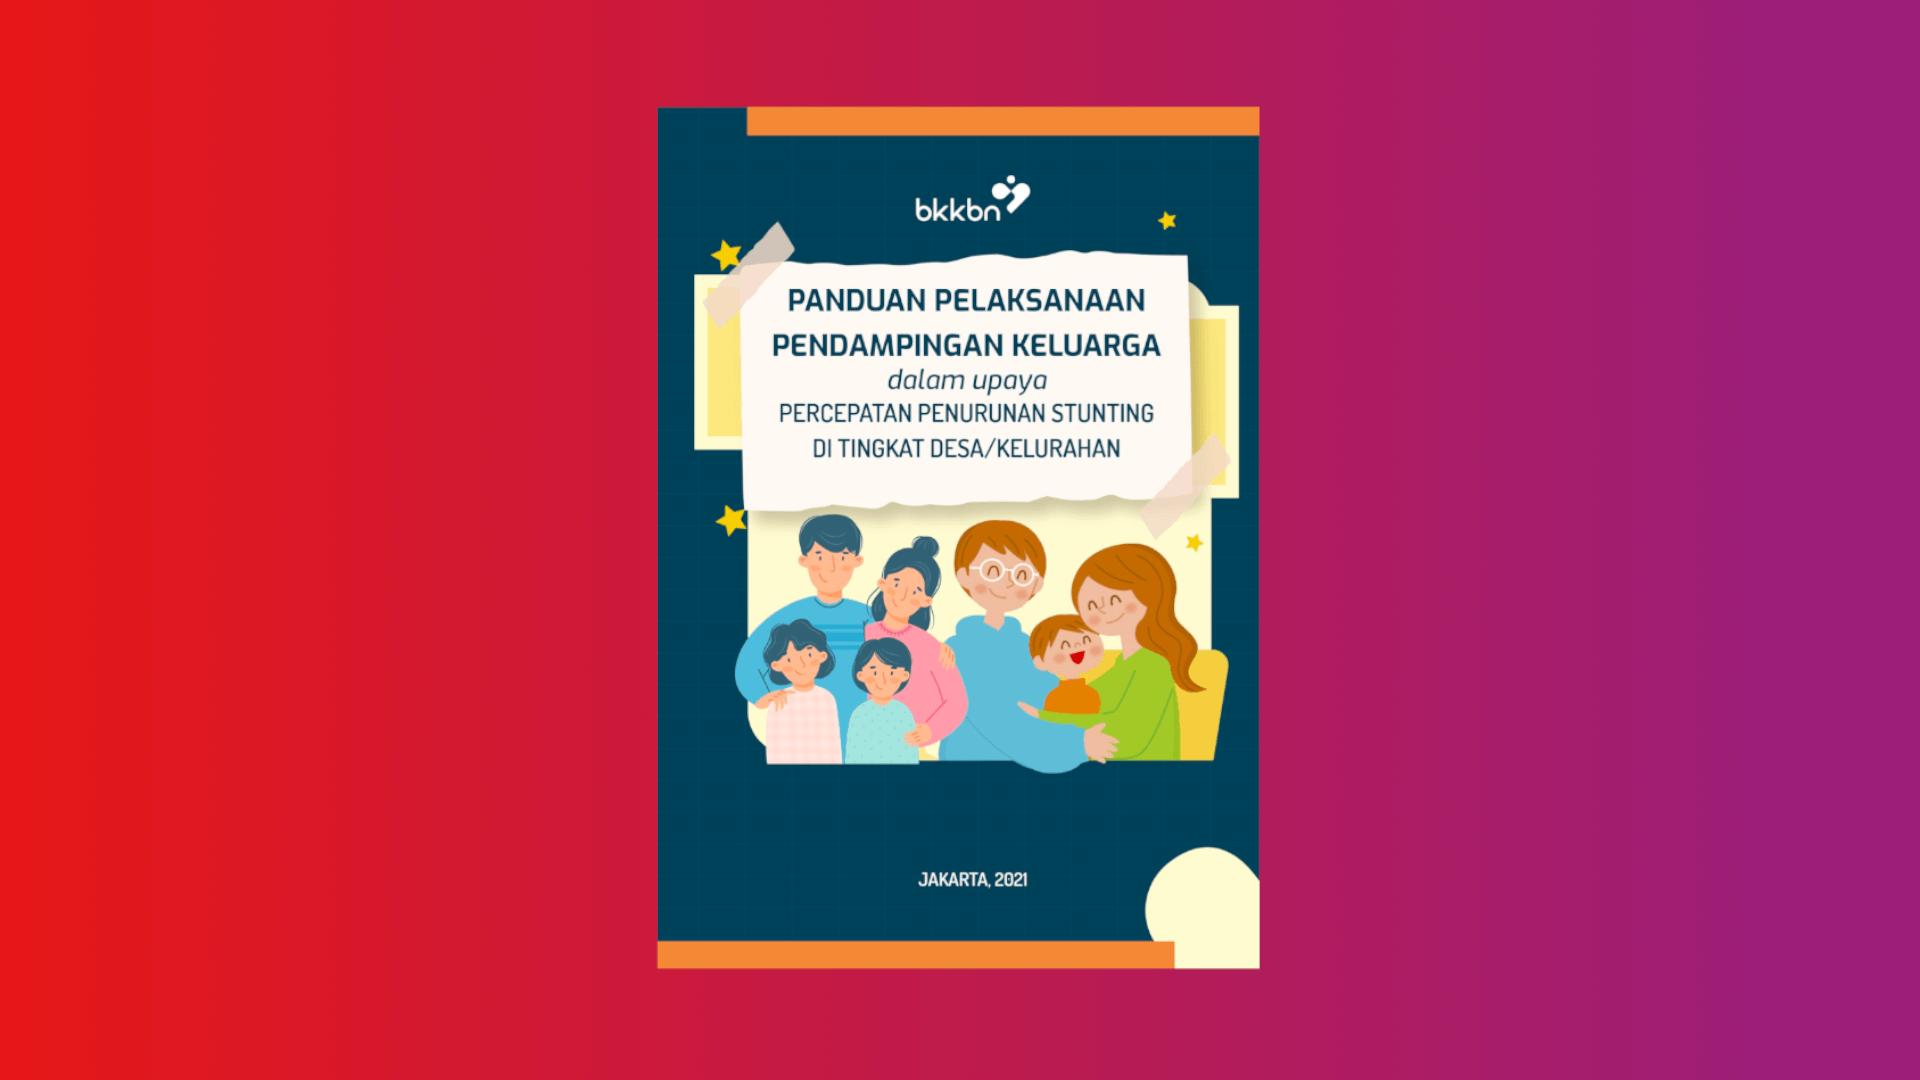 Panduan Pelaksanaan Pendampingan Keluarga dalam Upaya Percepatan Penurunan Stunting di Tingkat Desa/Kelurahan